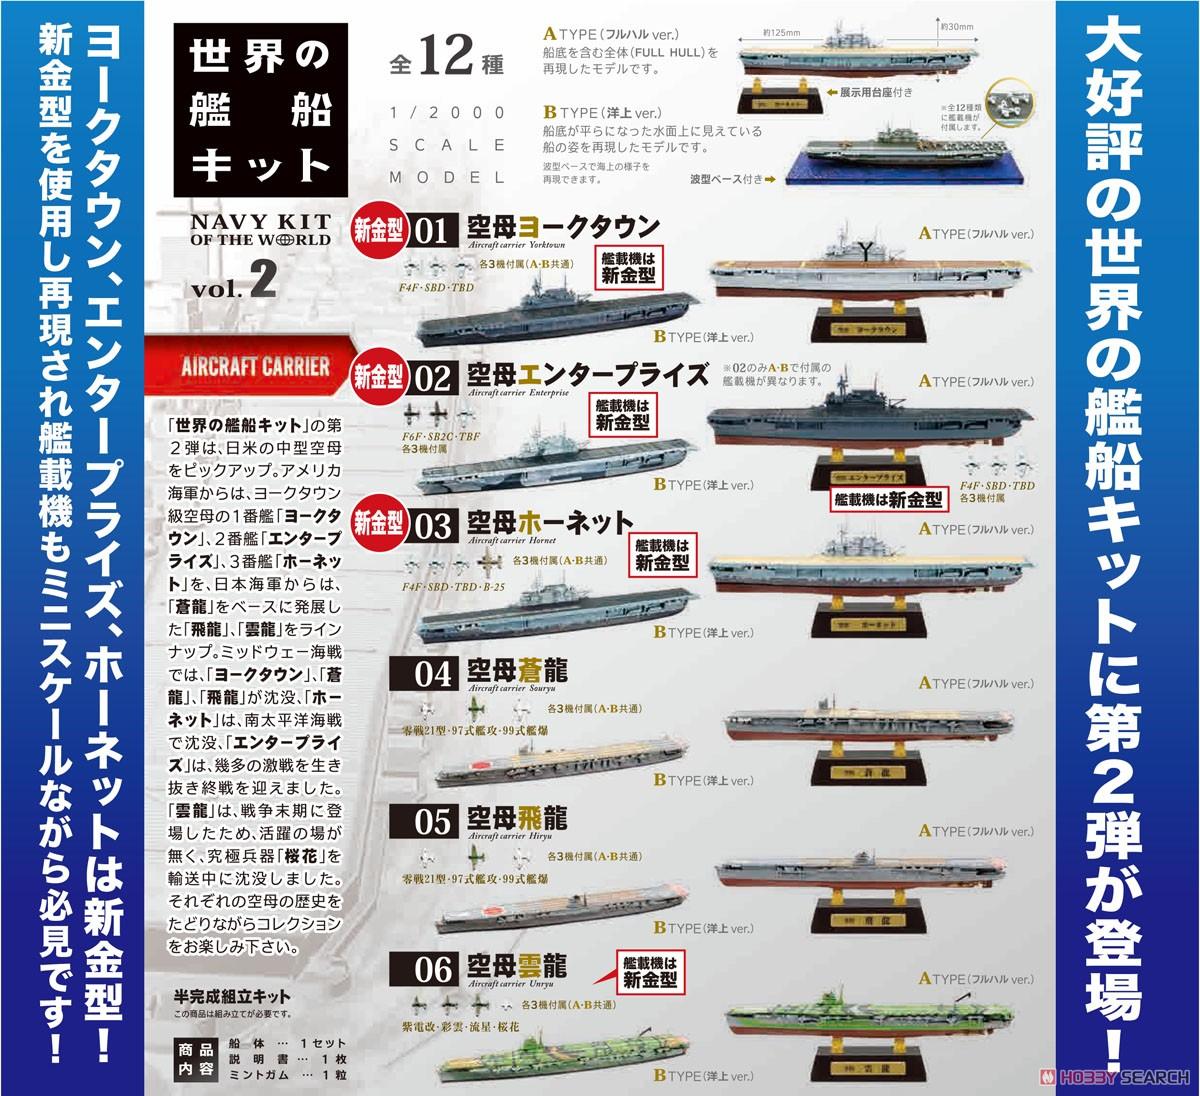 【食玩】1/2000『世界の艦船キット vol.2』プラモデル 10個入りBOX-017